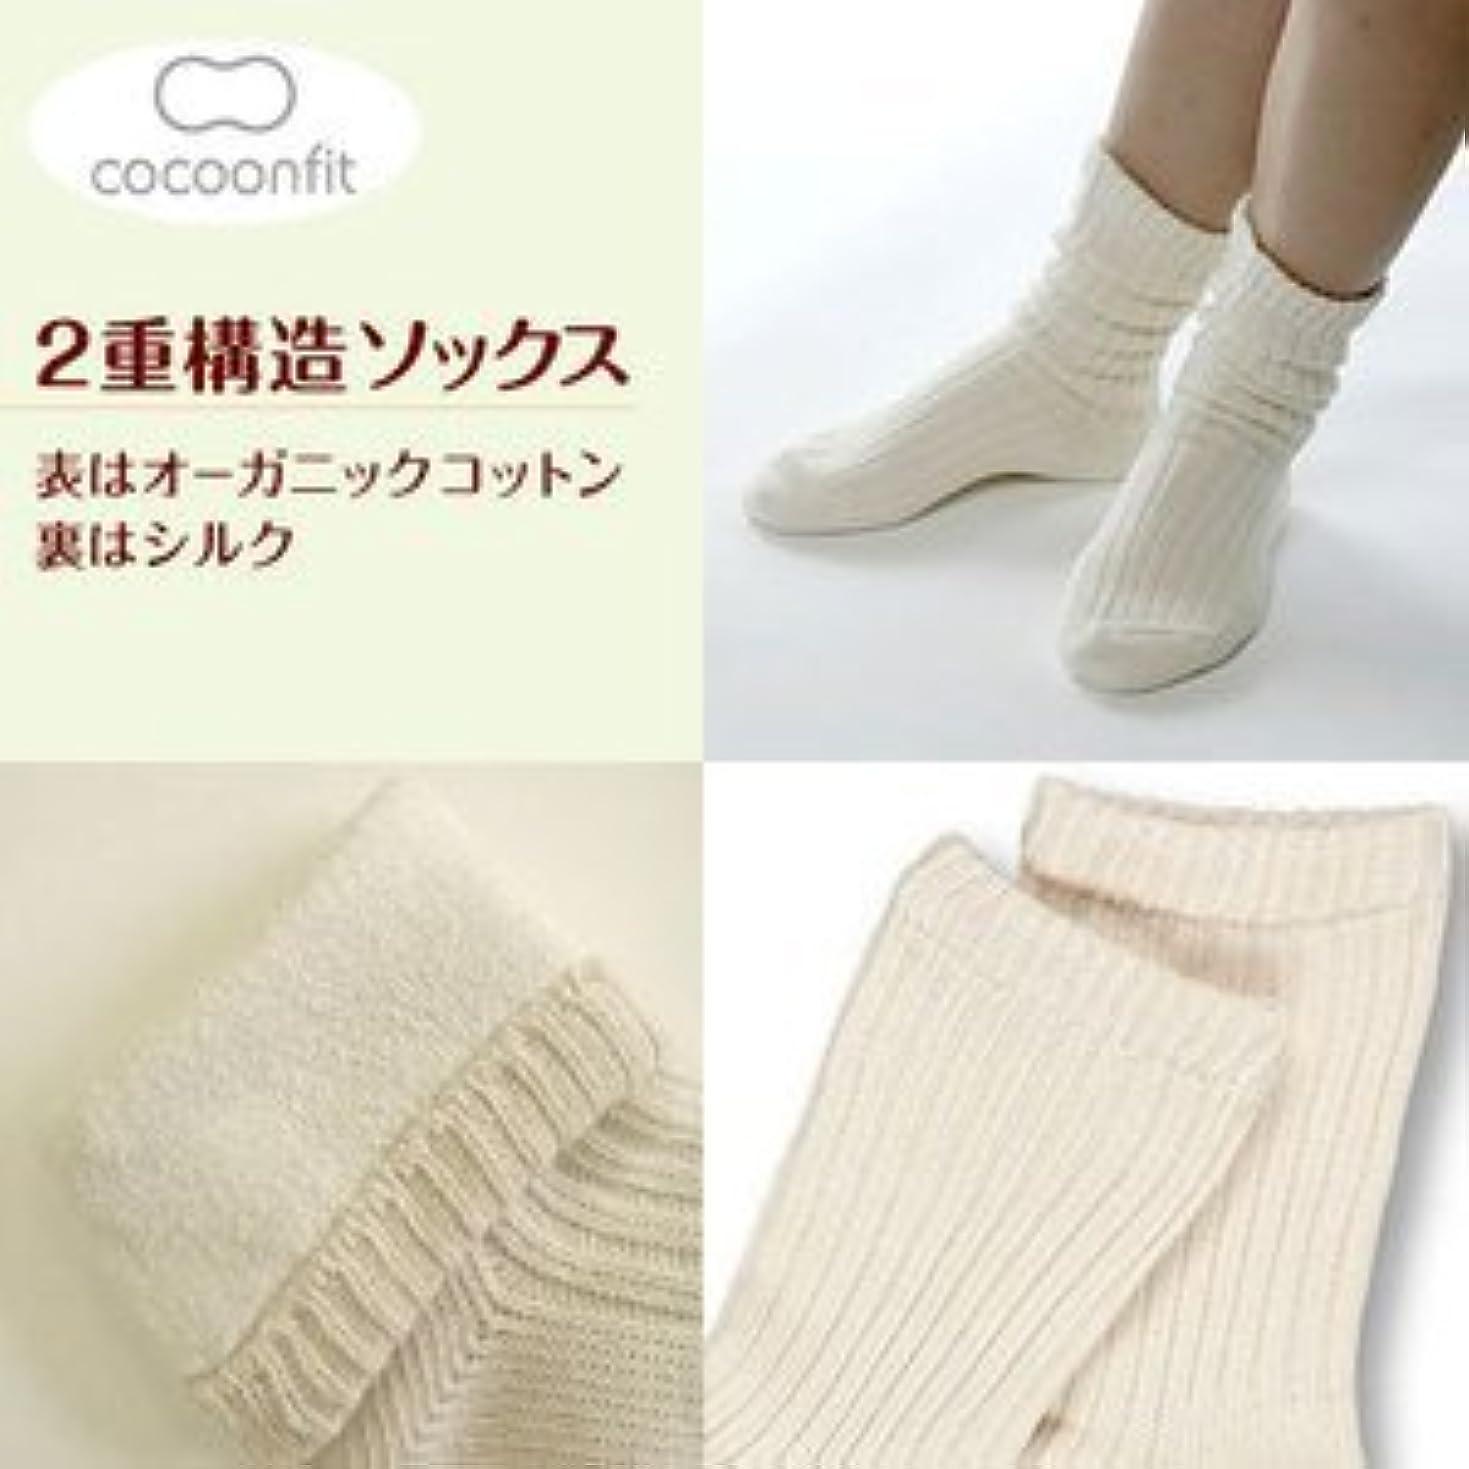 却下するブースト実験シルク 2重編みソックス (冷え取り靴下、冷えとり 靴下 シルク、重ね、二重)